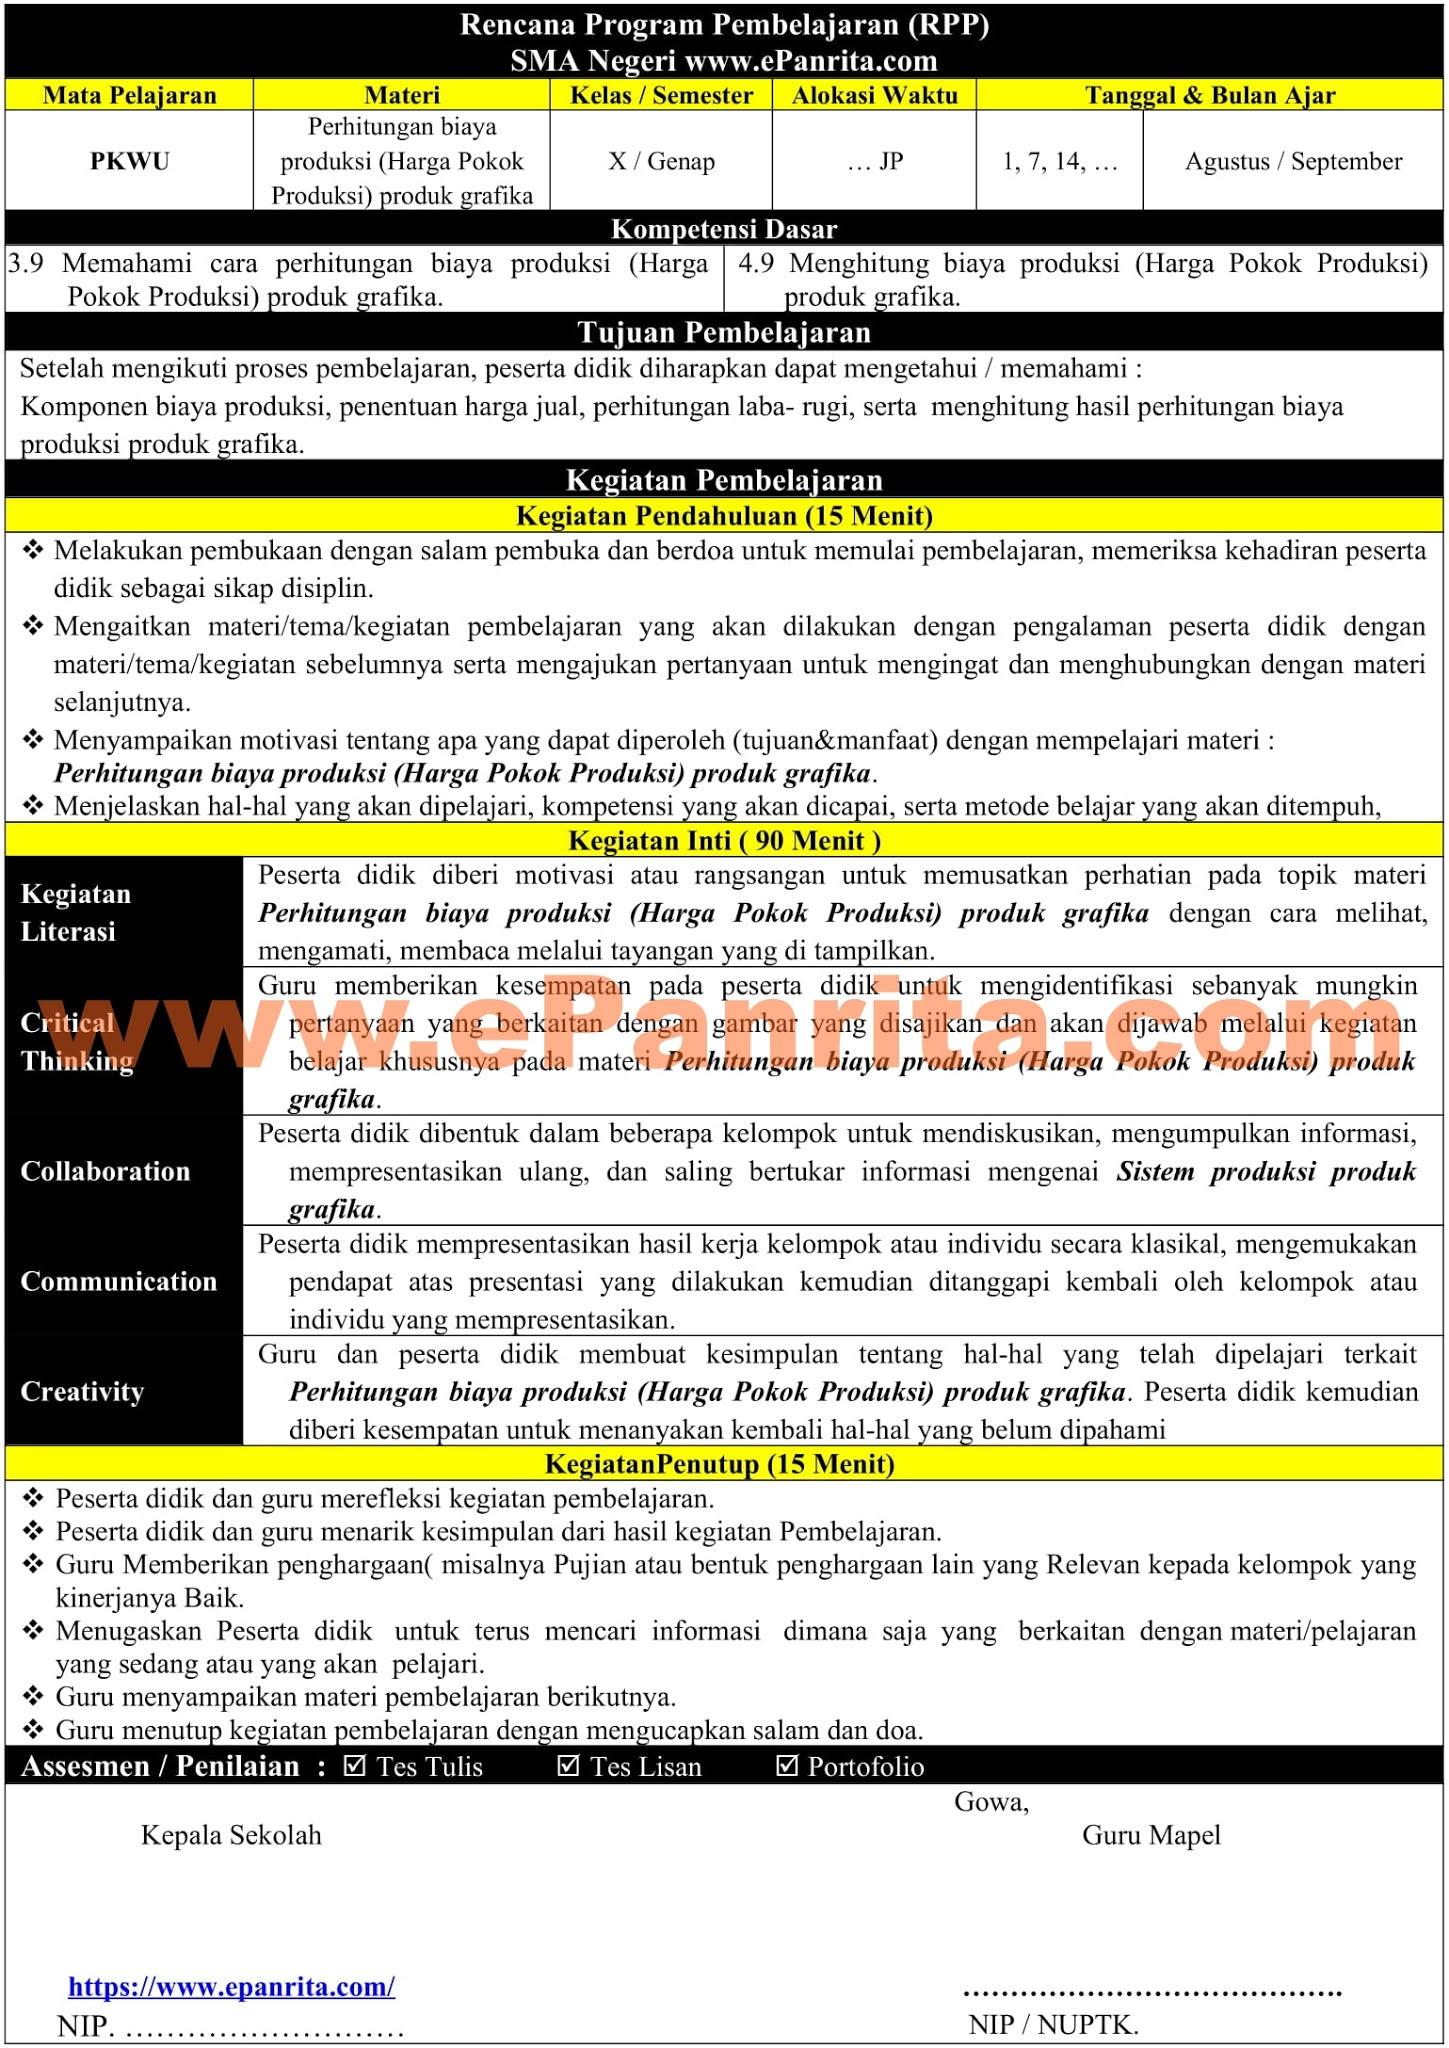 RPP 1 Halaman Prakarya Aspek Rekayasa (Perhitungan biaya produksi (Harga Pokok Produksi) produk grafika)